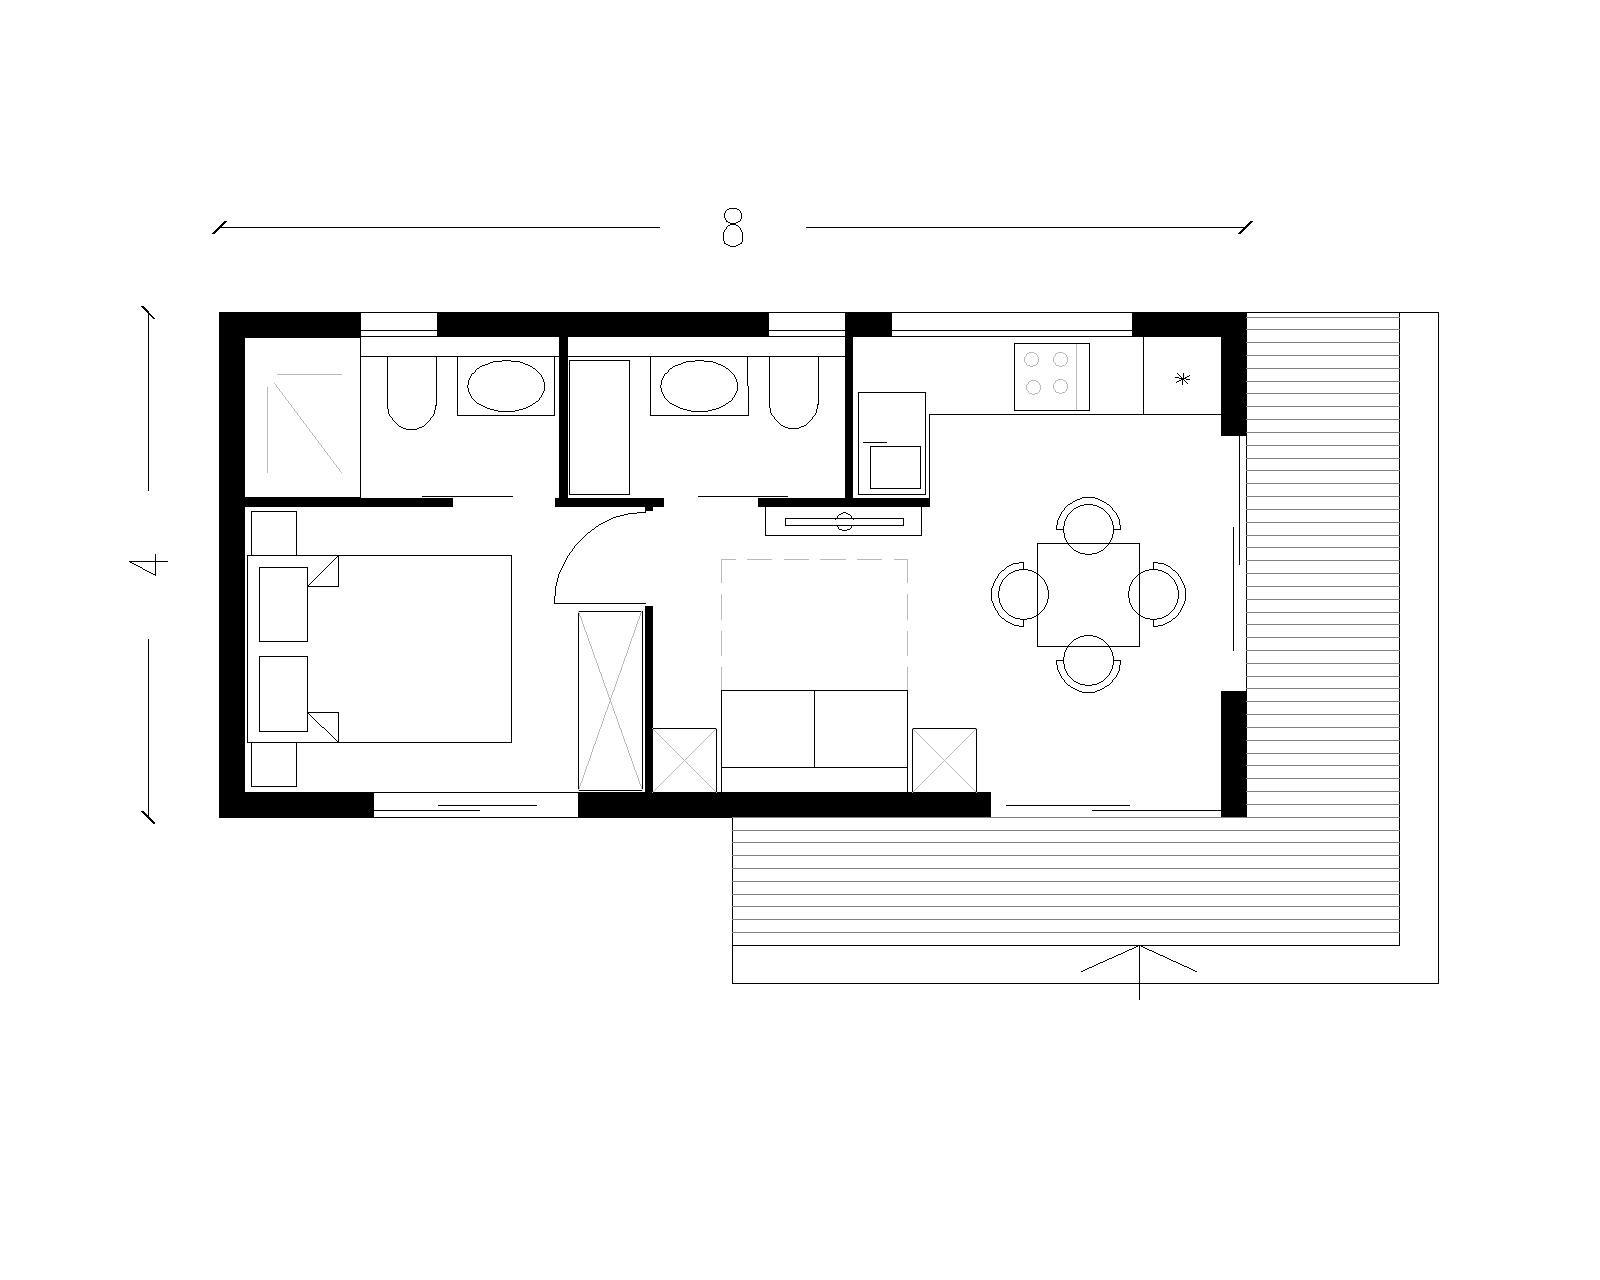 Planimetria della costruzione Baita o Chalet in Legno modello bulgalow  per camping - strutture ricettive   di RIKO-HISE srl - Arch. Daniele Bonzi